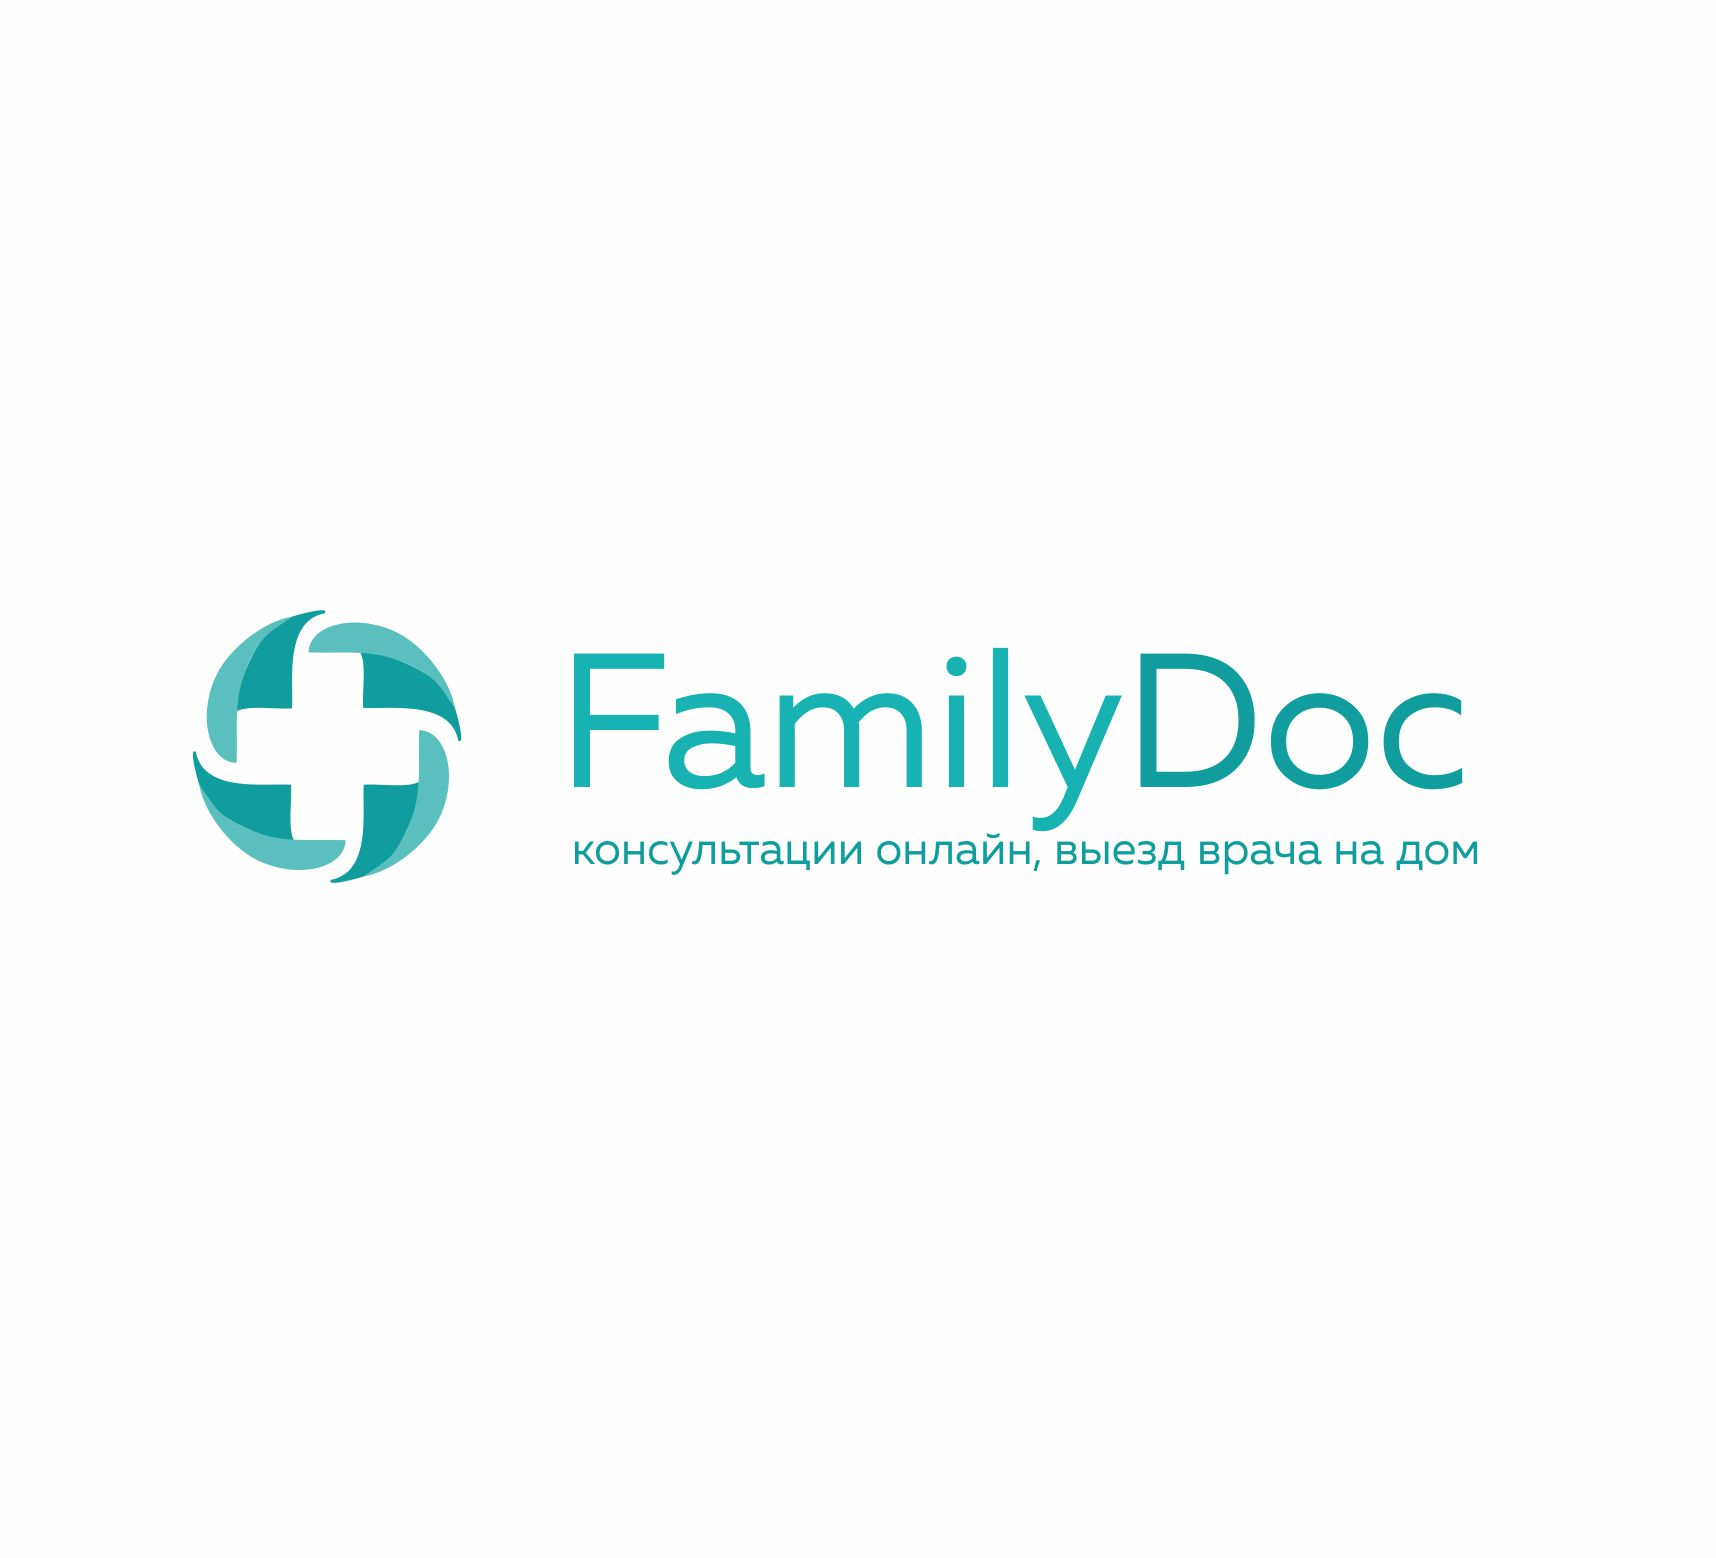 Разработка логотипа для врачебного онлайн сервиса FamilyDoc фото f_9115c348a525ac20.jpg